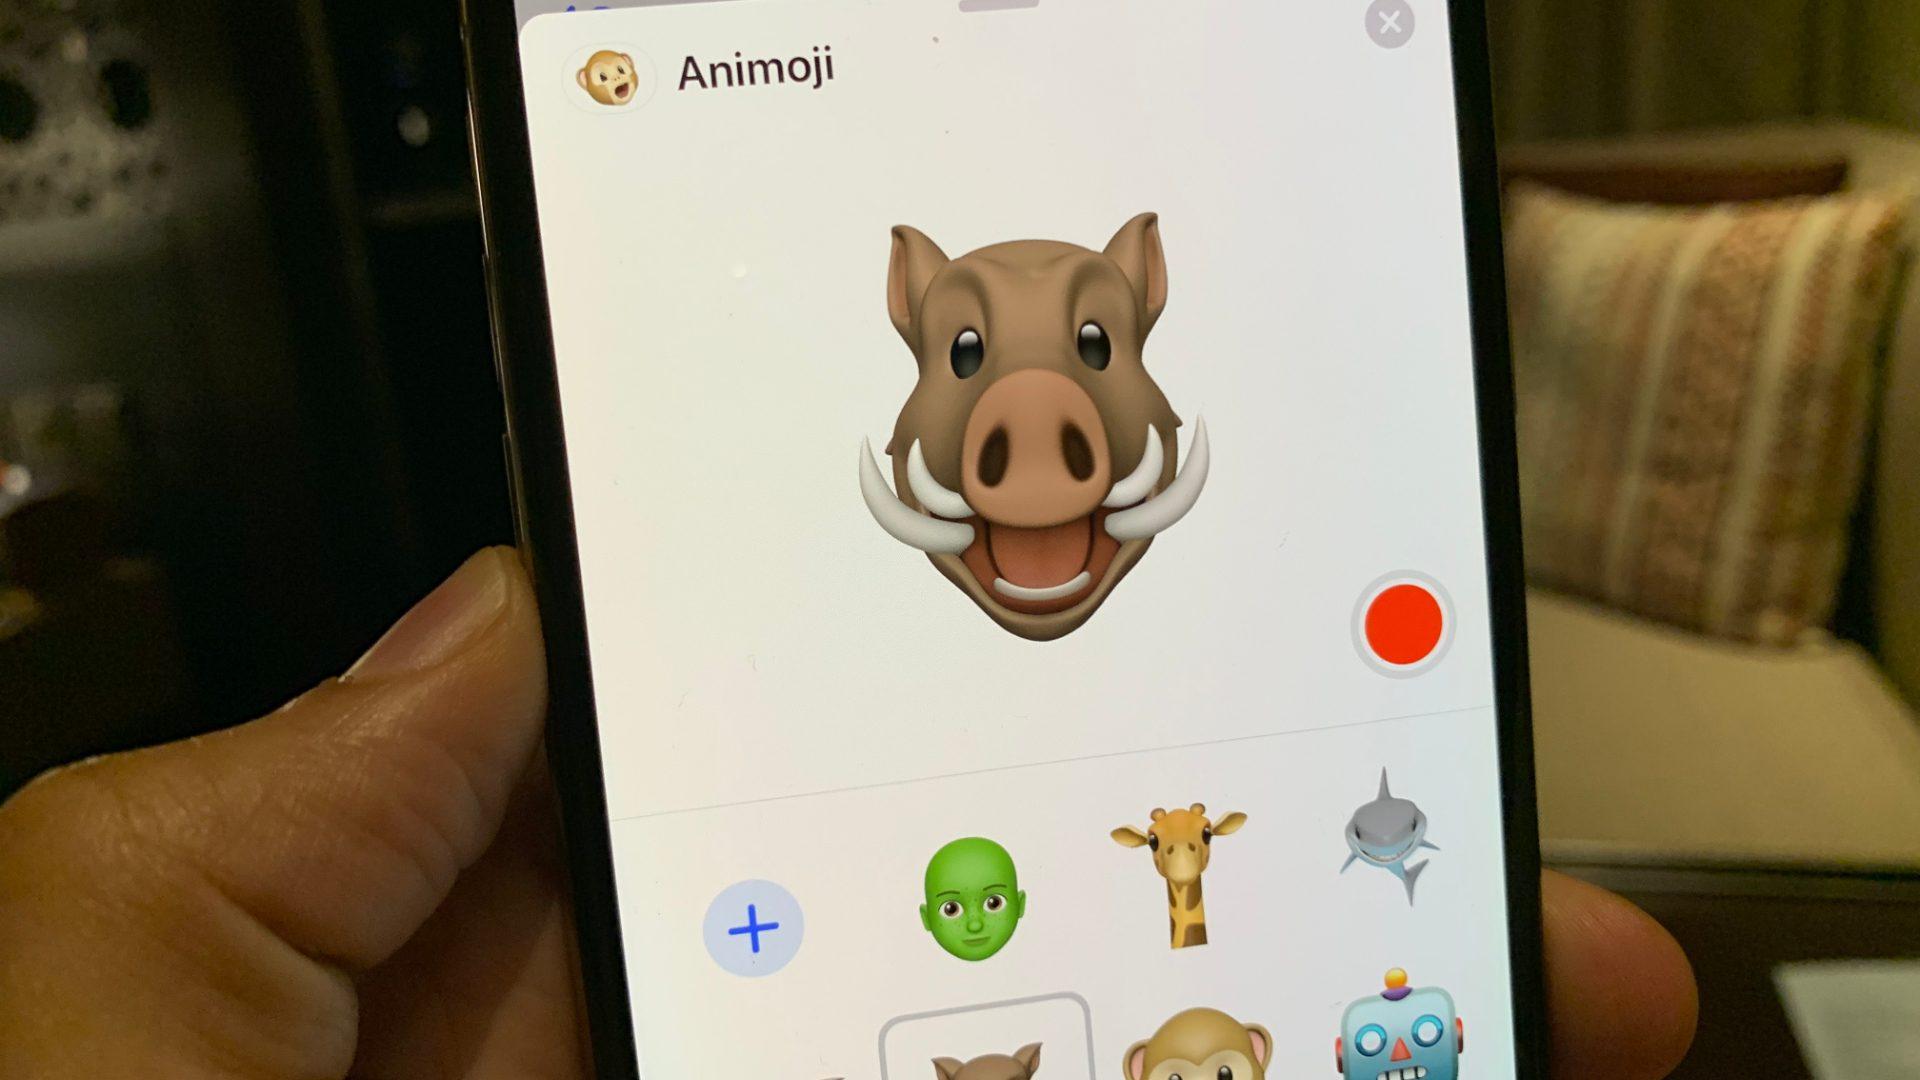 iOS 12.2 Beta 2 Animoji berriak gehitu dira!